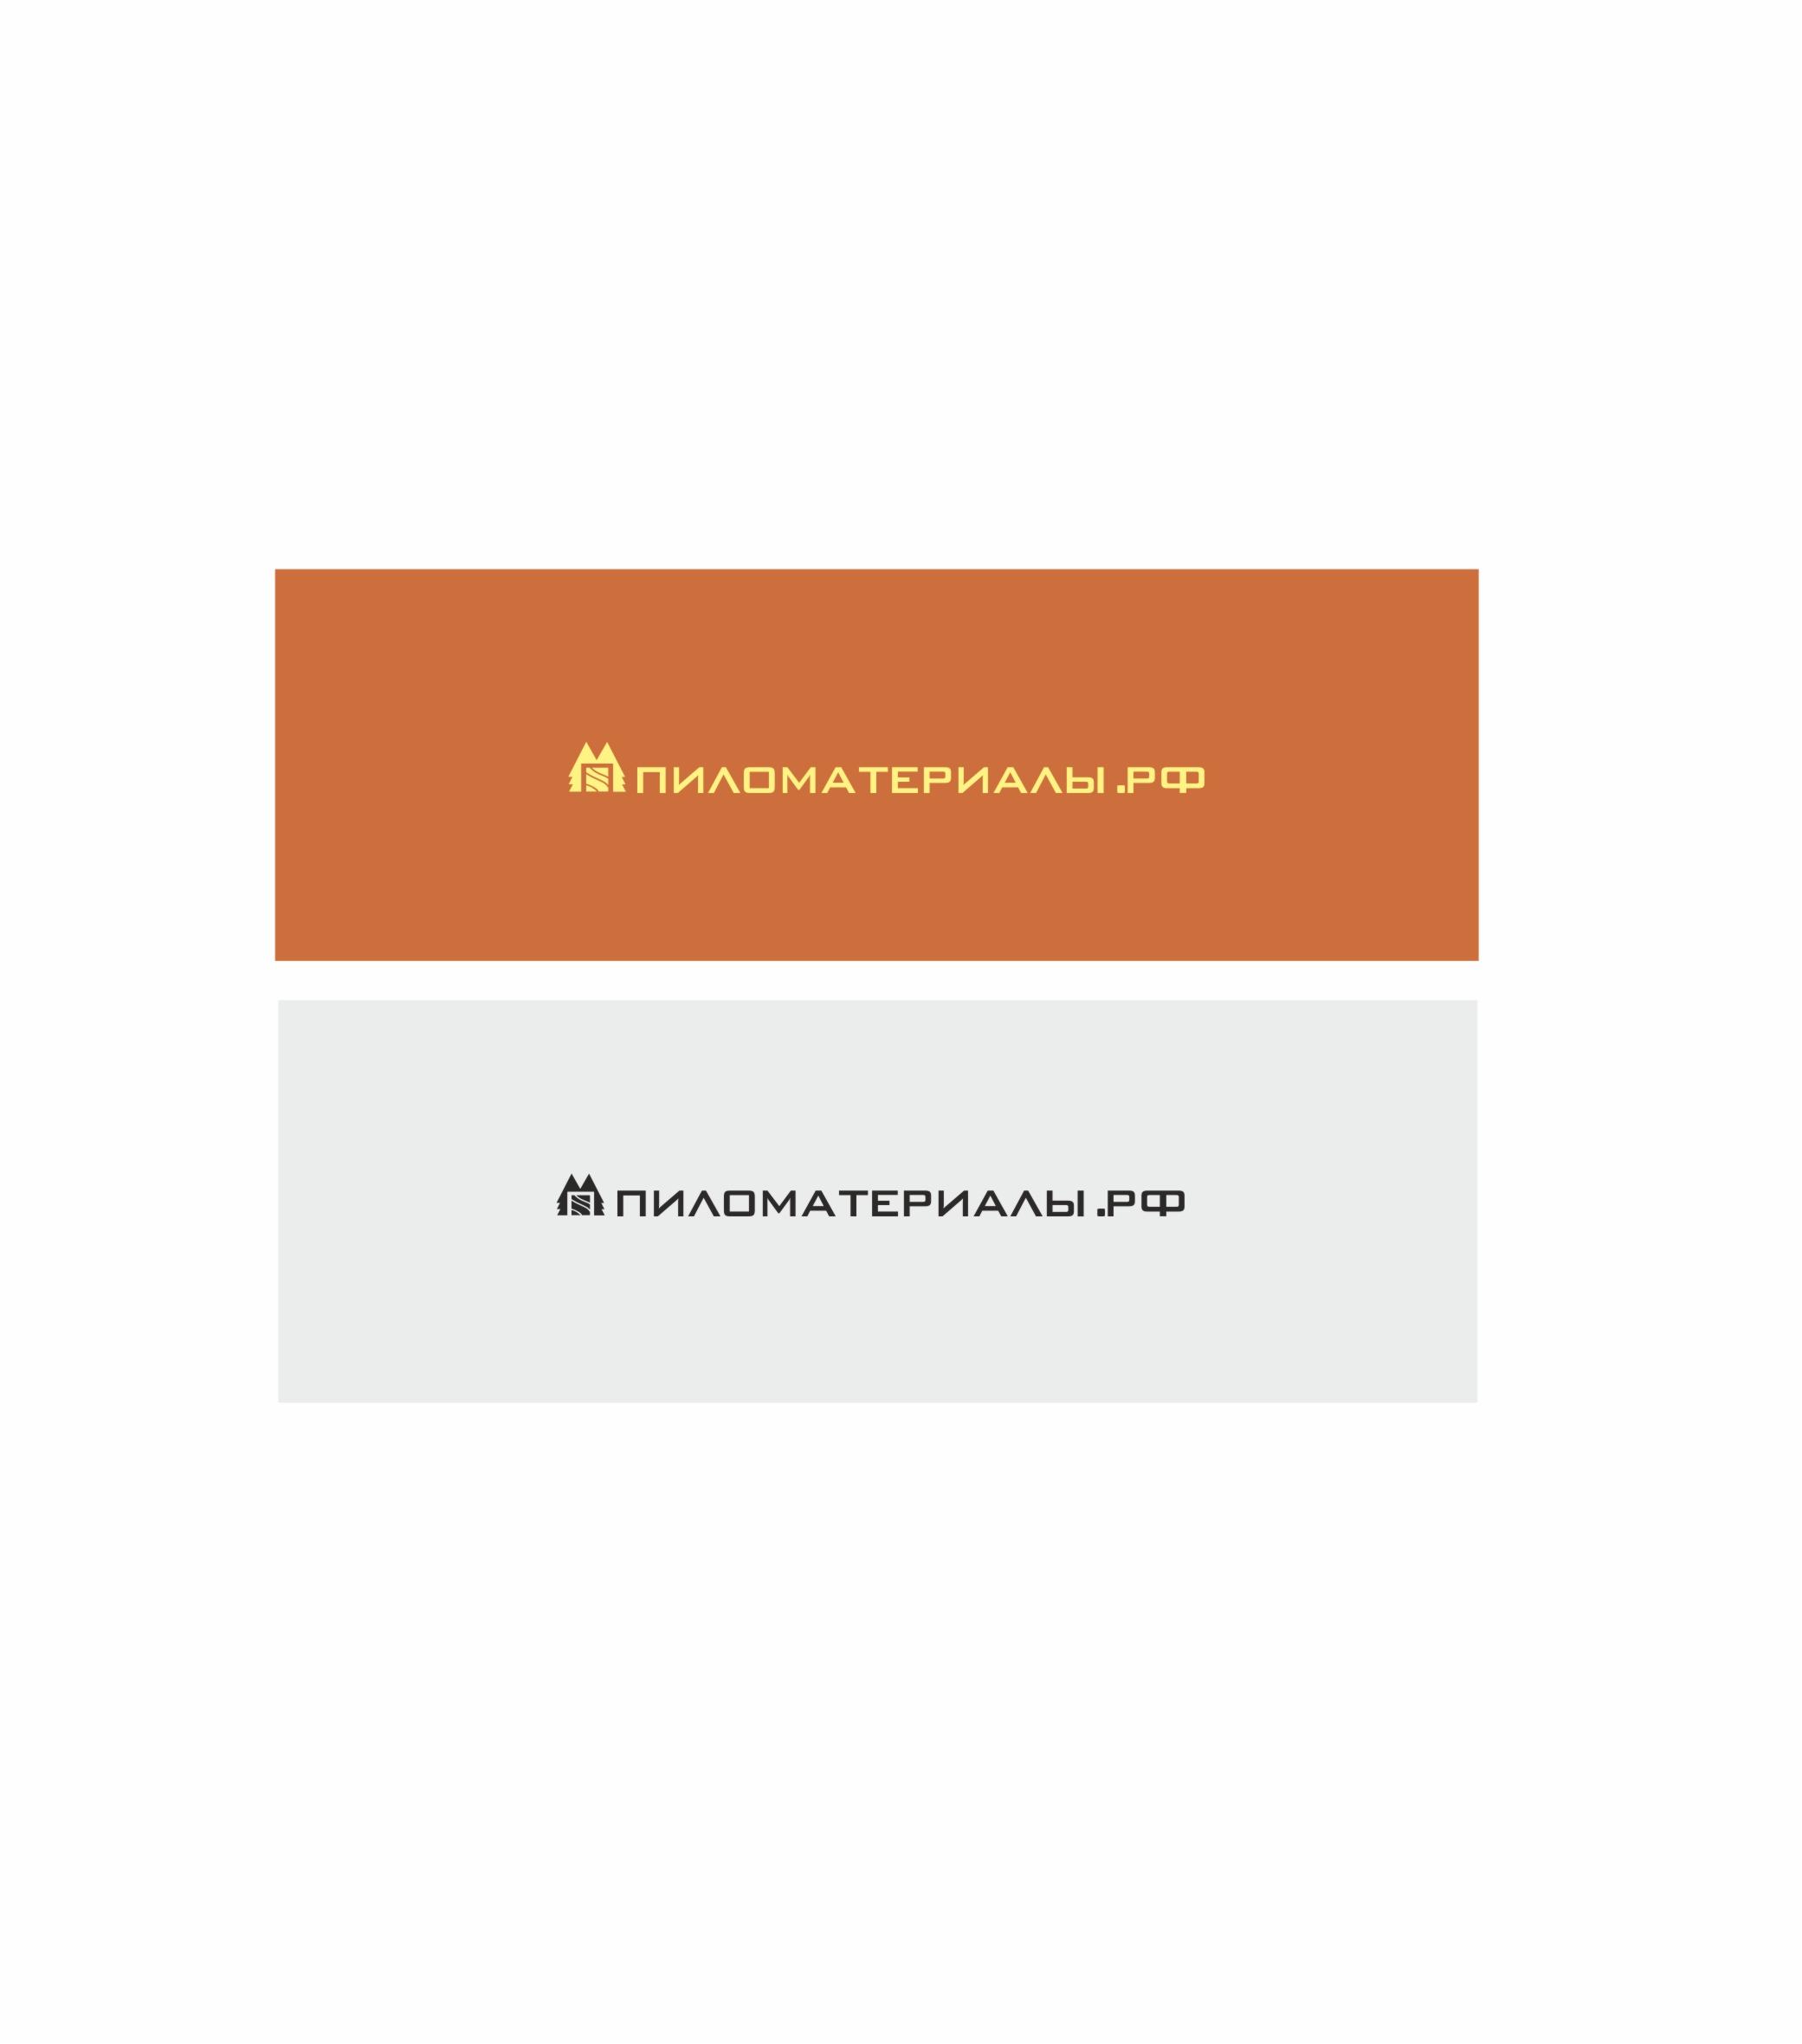 """Создание логотипа и фирменного стиля """"Пиломатериалы.РФ"""" фото f_179530afbce4cb6e.jpg"""